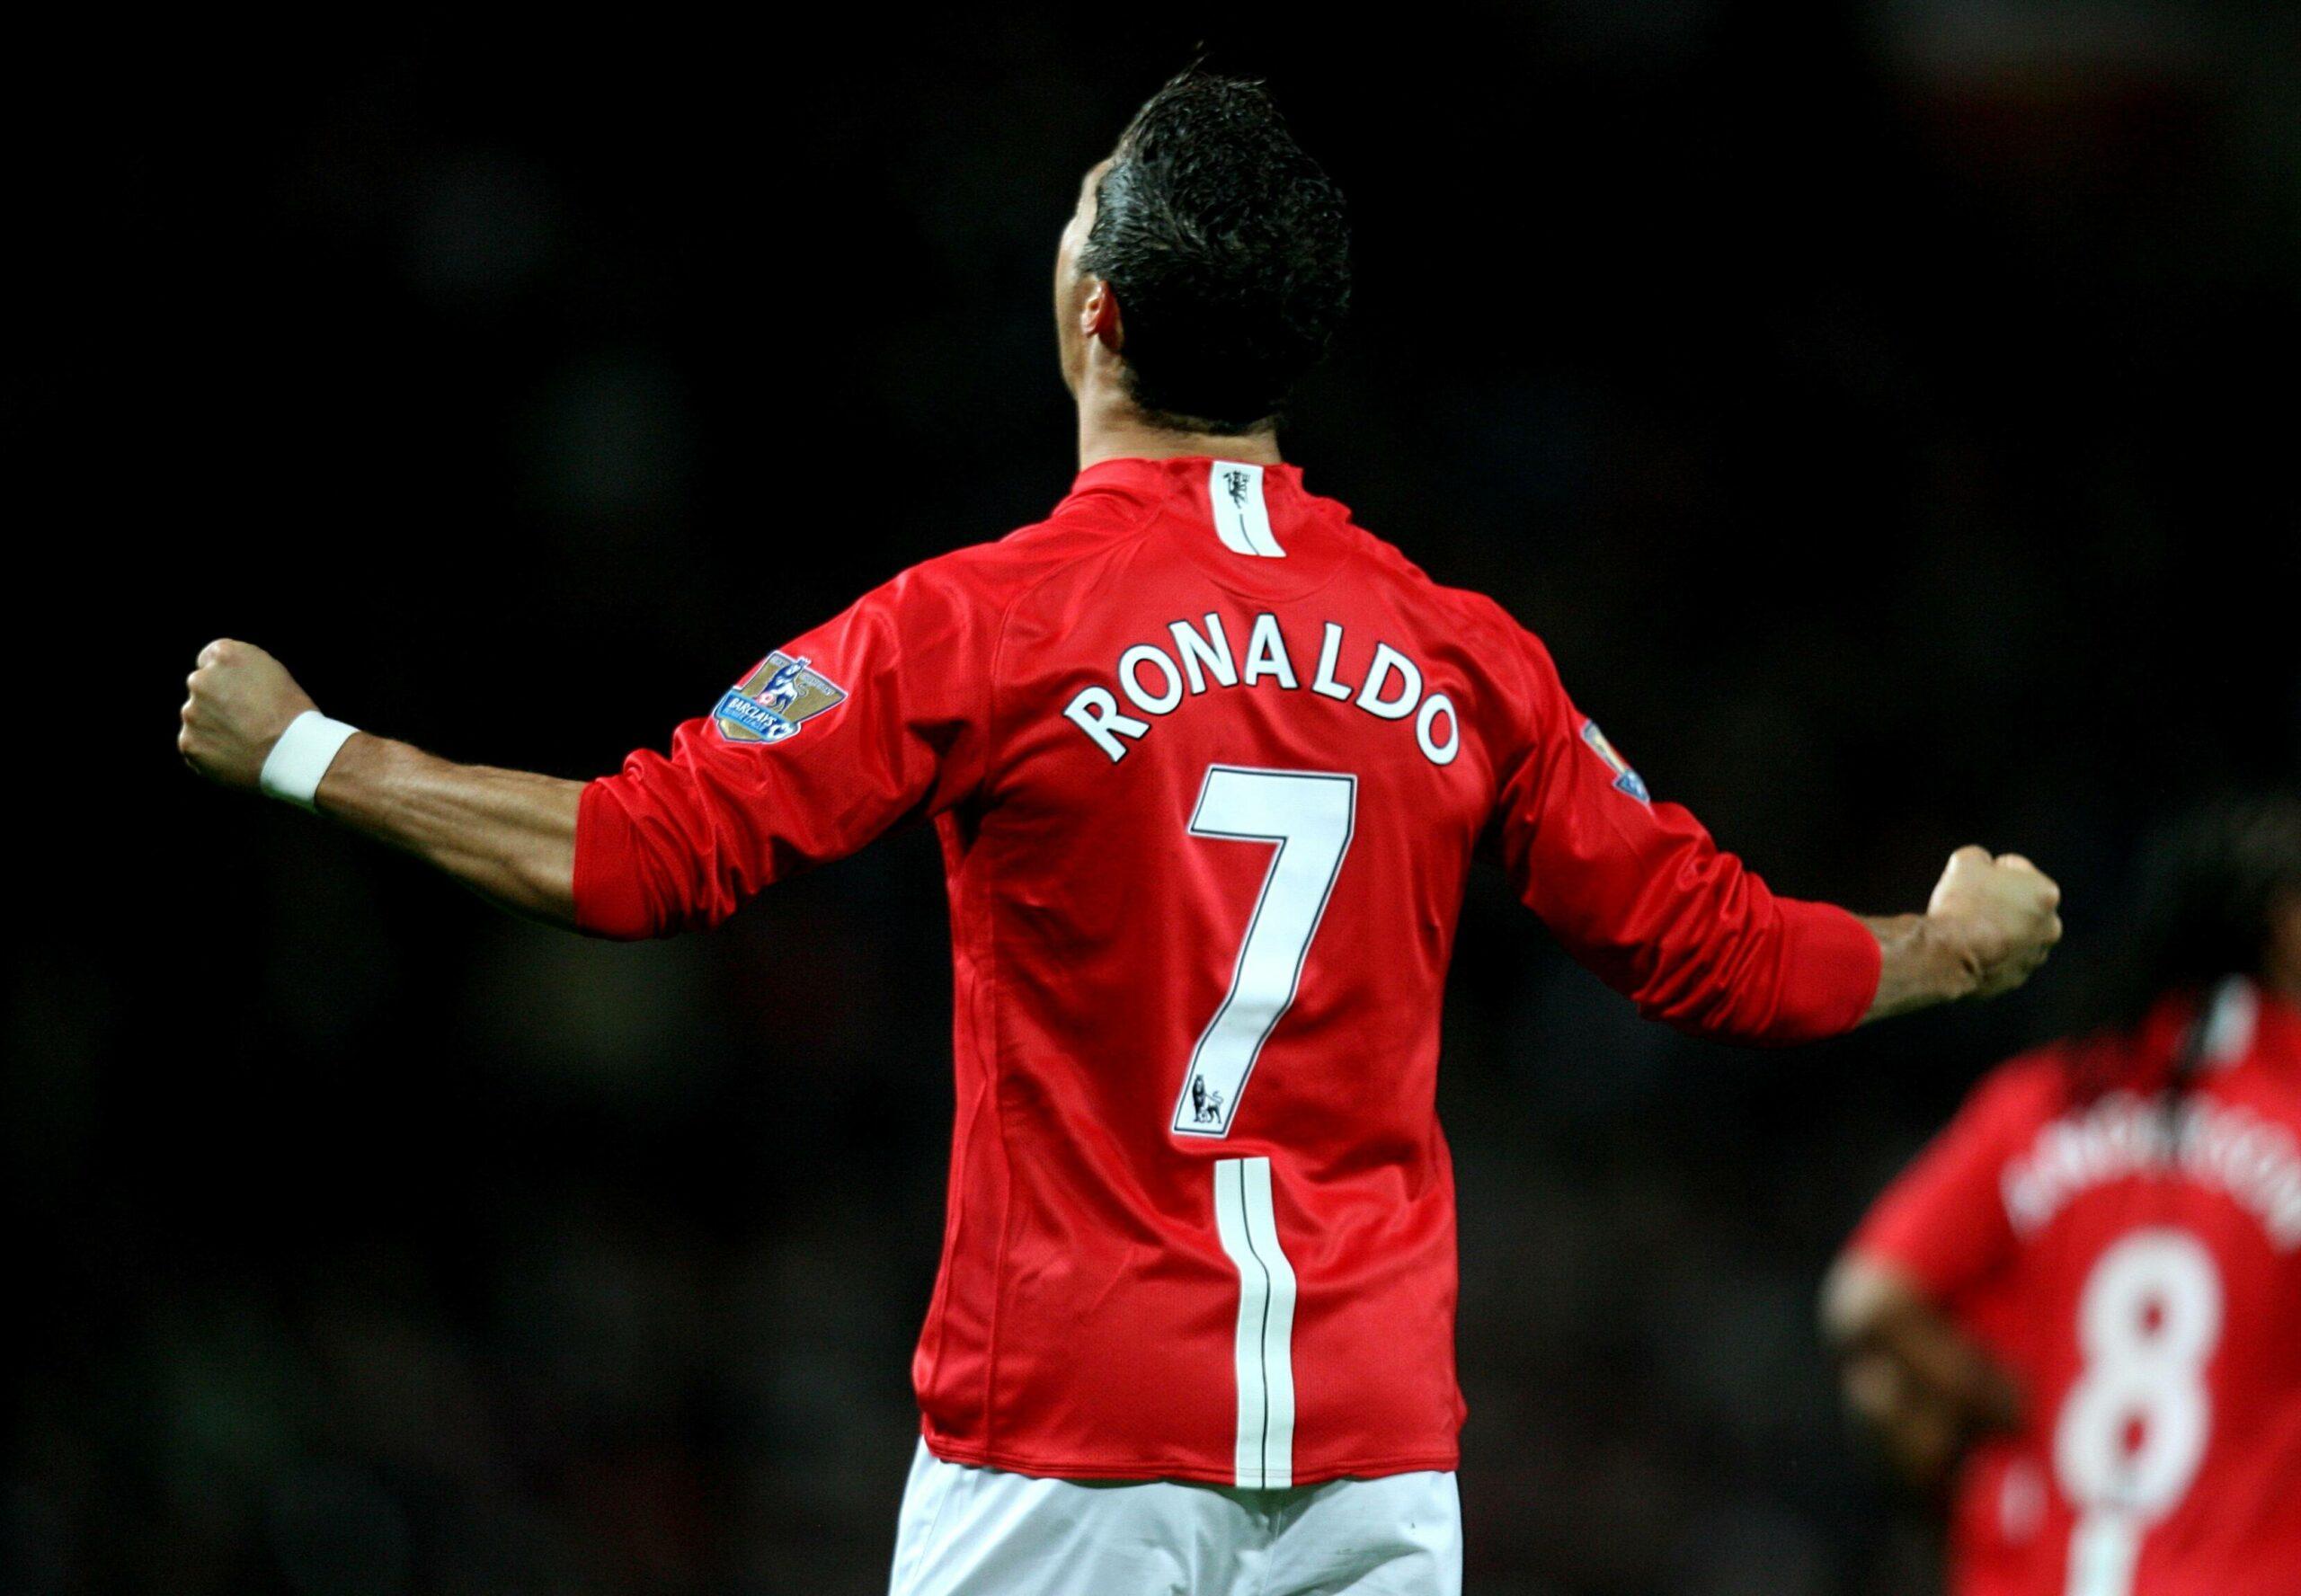 Di Canio questions Manchester United's move for Cristiano Ronaldo